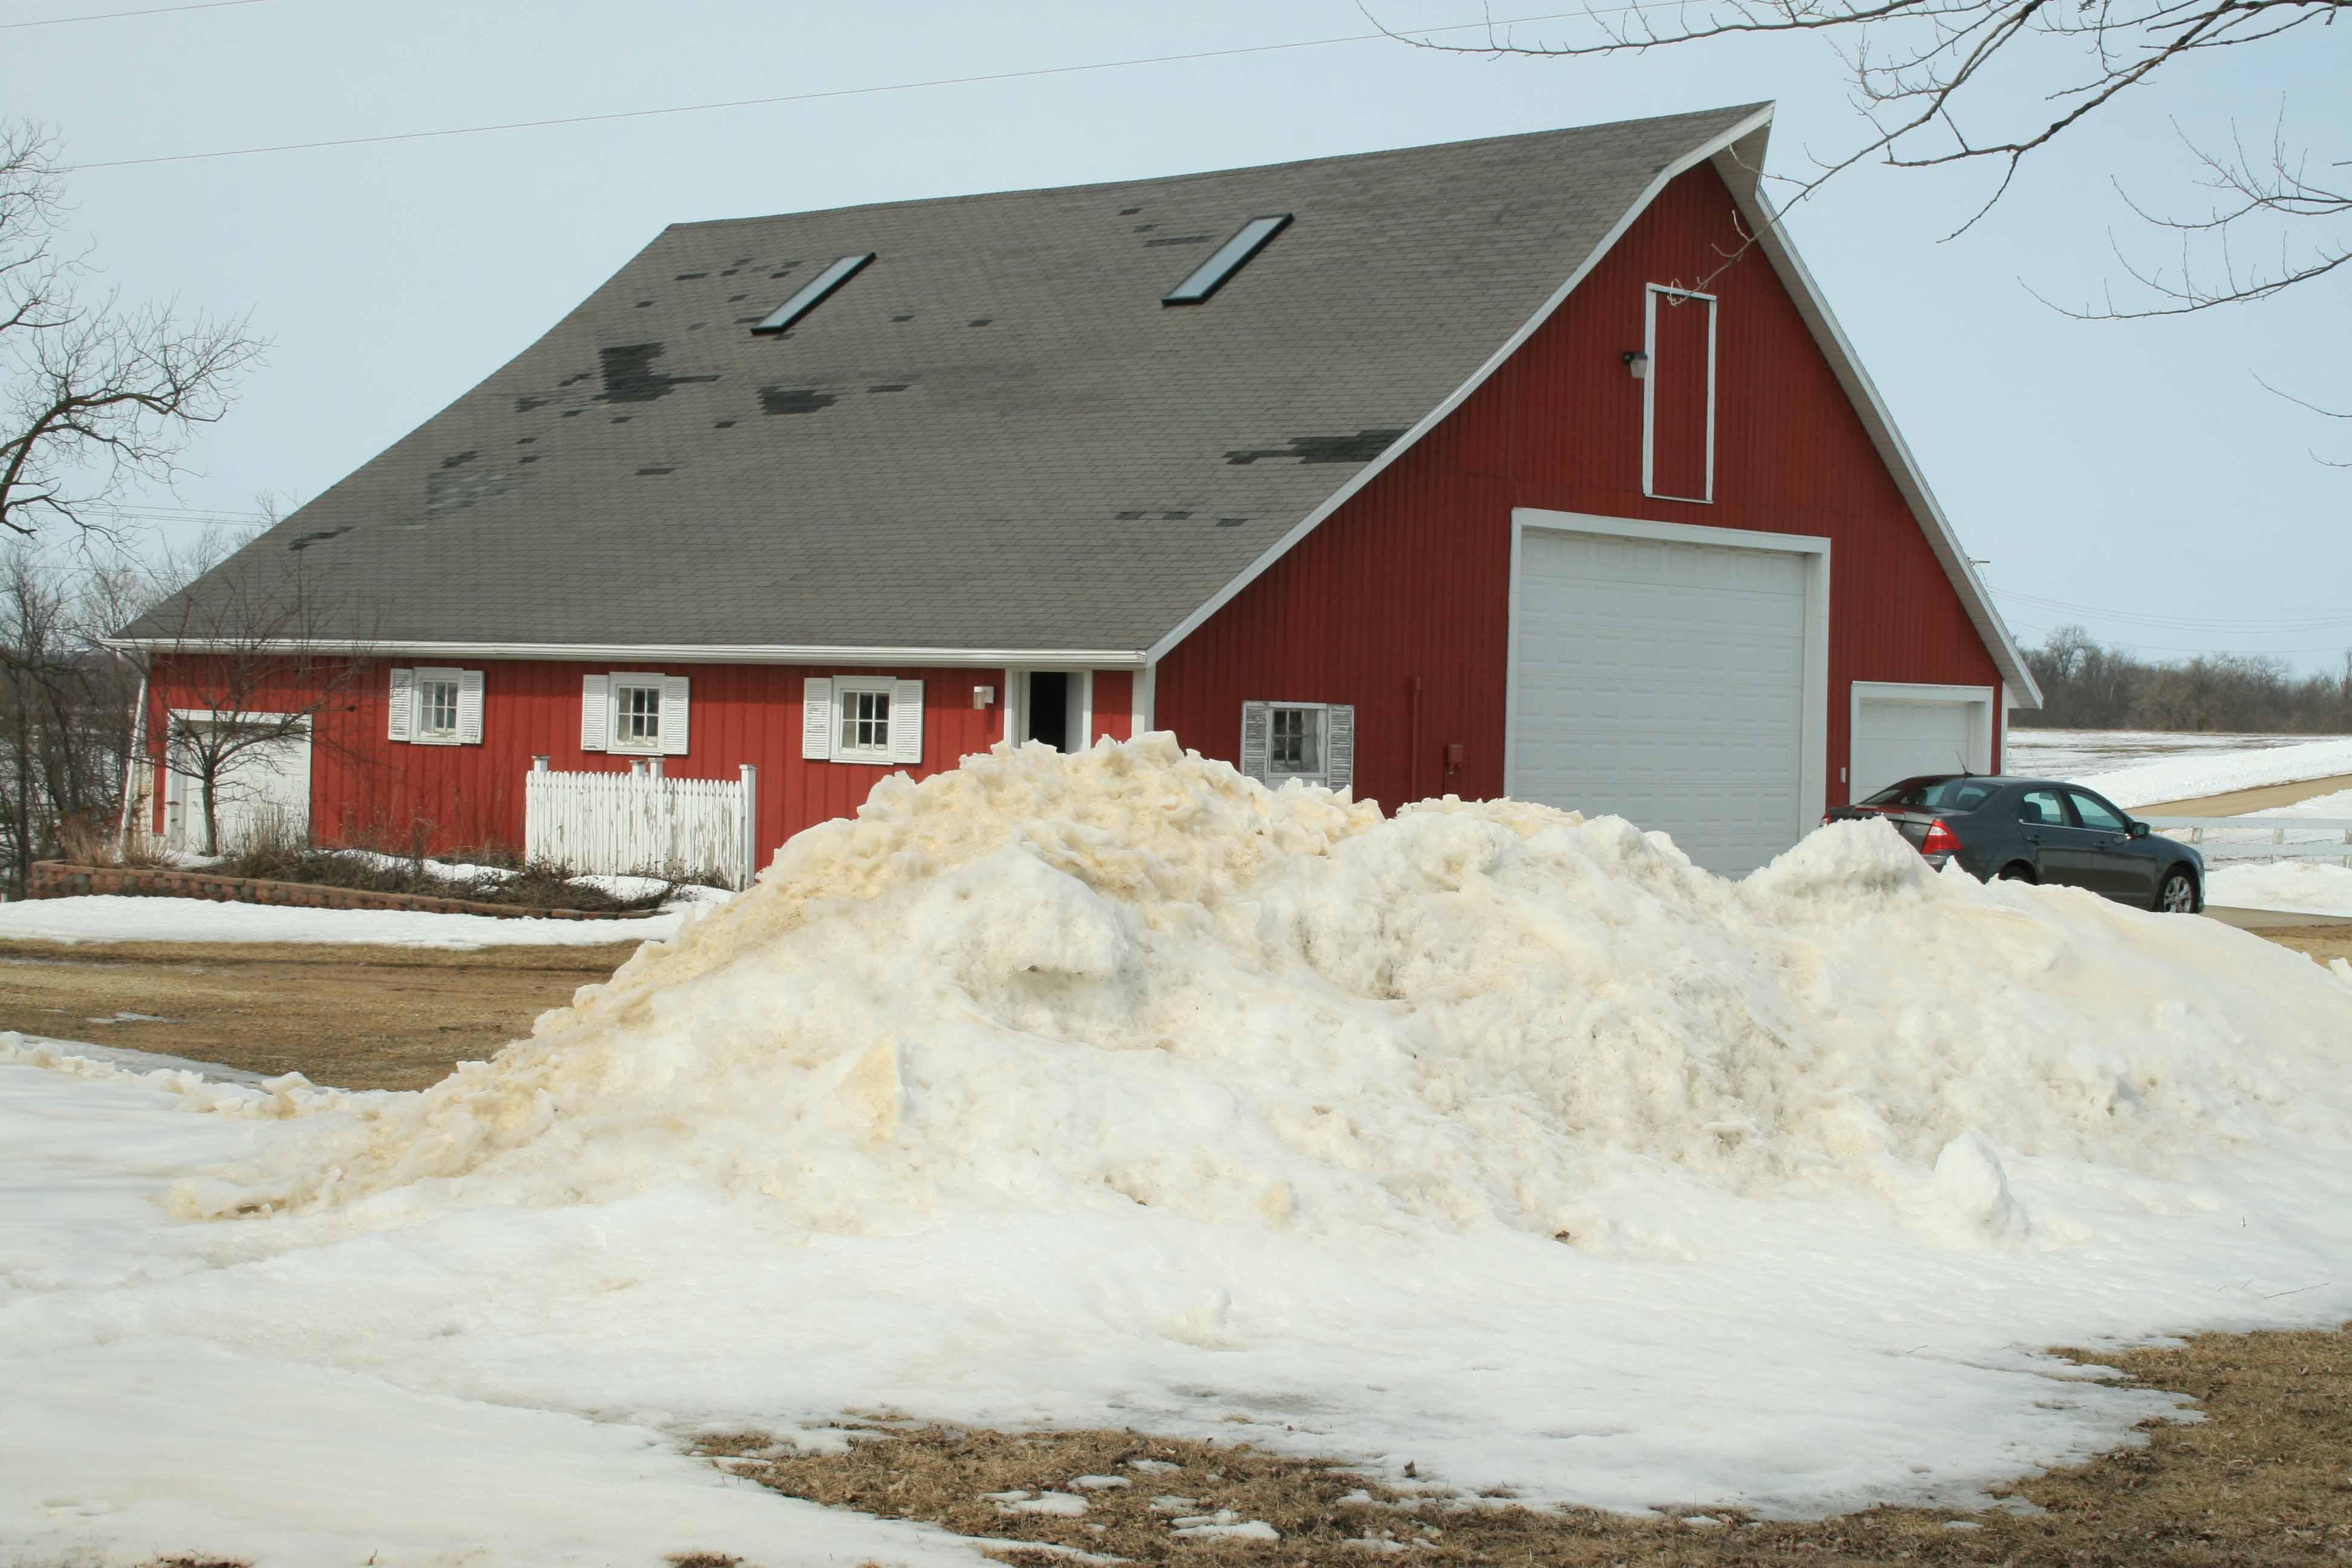 Snow plied up near the barn